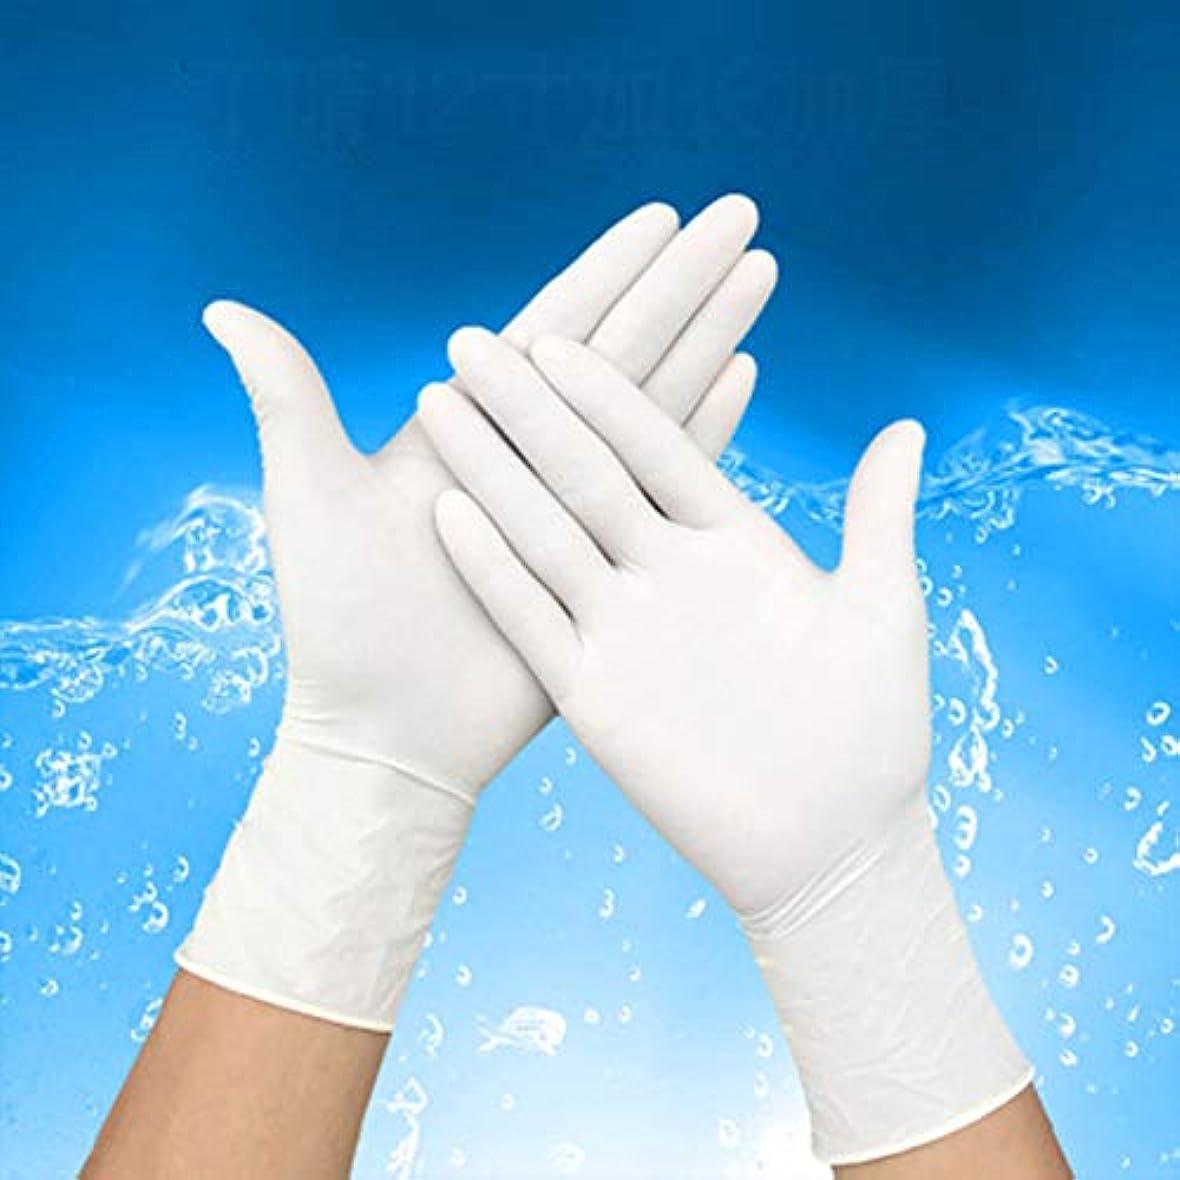 軍手 ミドリ安全 手袋 薄手タイプ 粉なし ホワイト 食品産業用品 極薄 滑り止め 使い捨て l (100枚入)